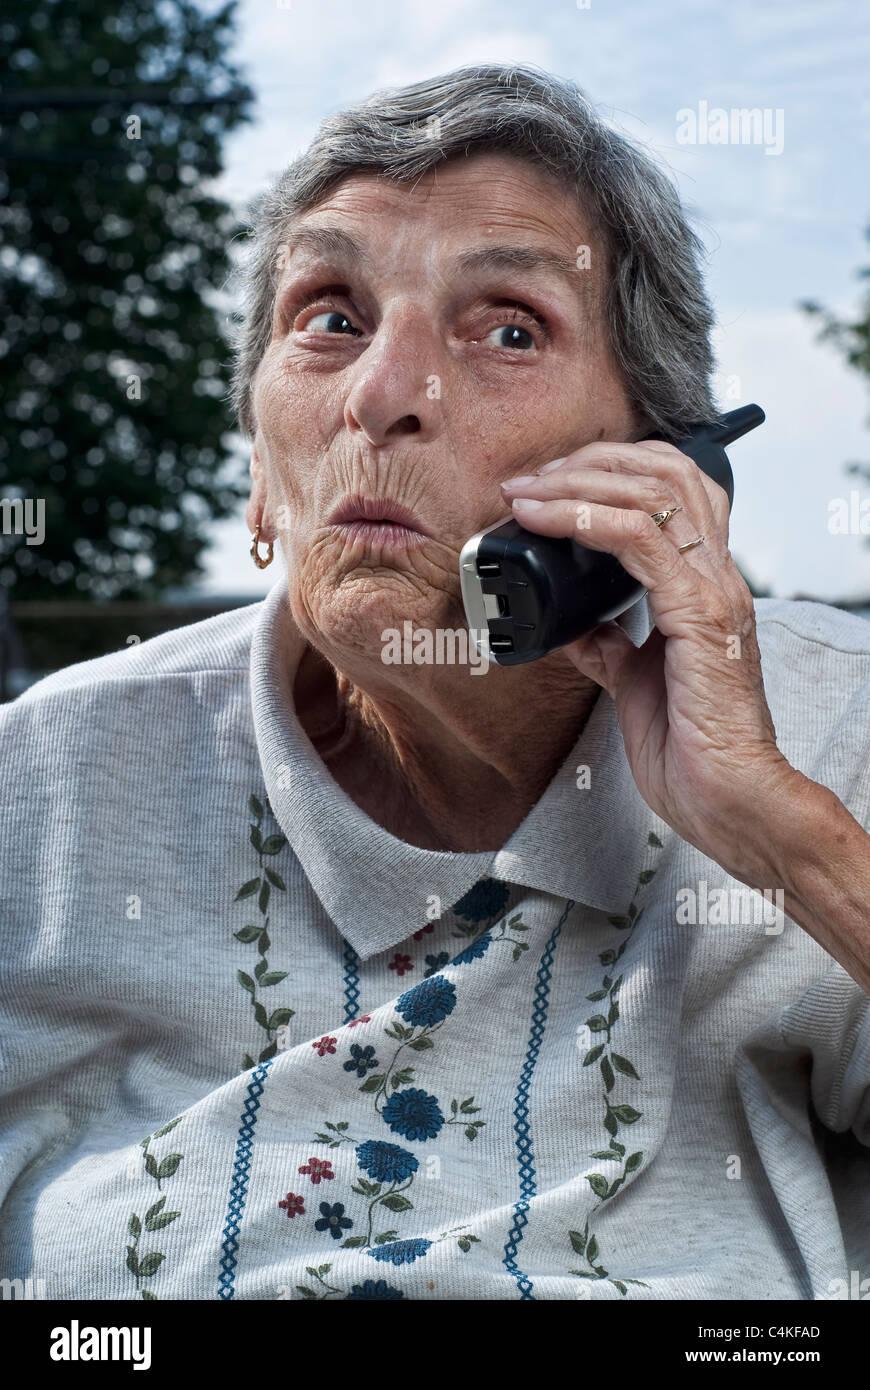 Una anciana, con una mirada de sorpresa en su cara, habla por un teléfono inalámbrico. Imagen De Stock